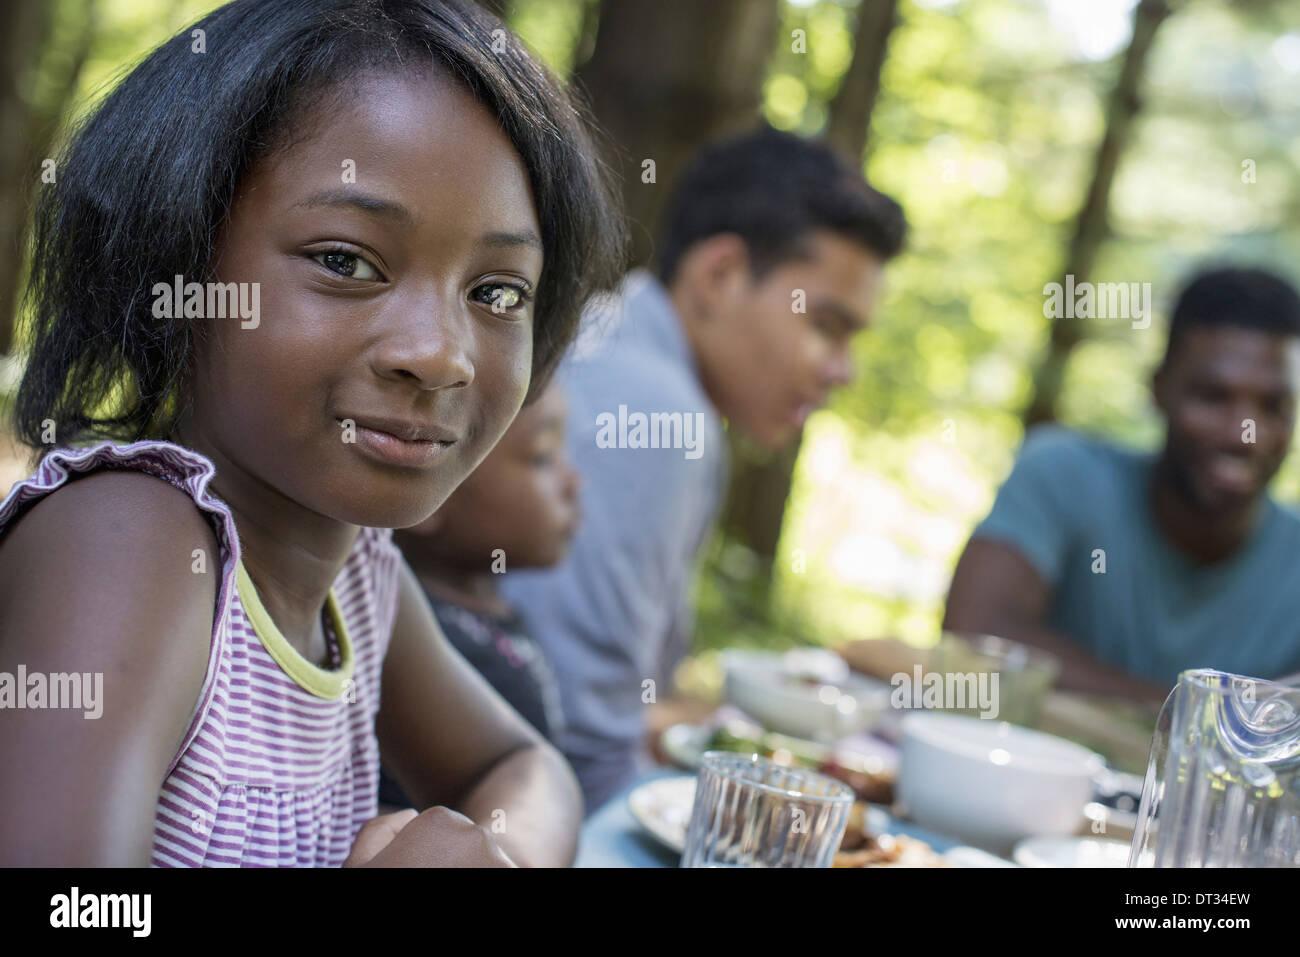 Una chica joven y adultos sentados en la mesa Imagen De Stock